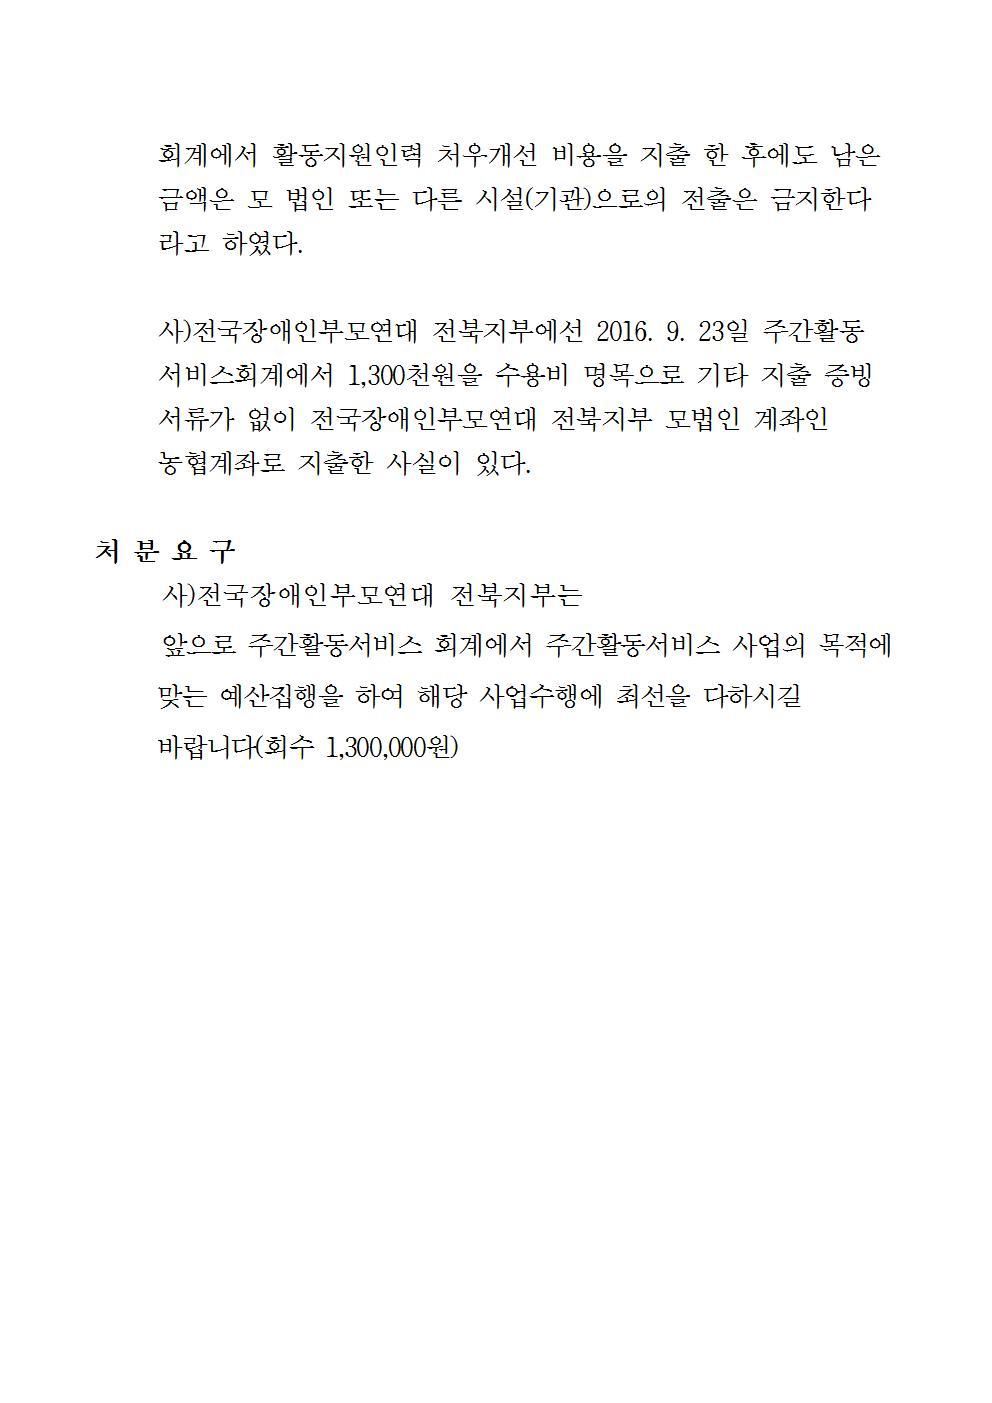 붙임) 처분요구서_전주시 생활복지과-37898(2017.9.1)호(공개용)006.jpg